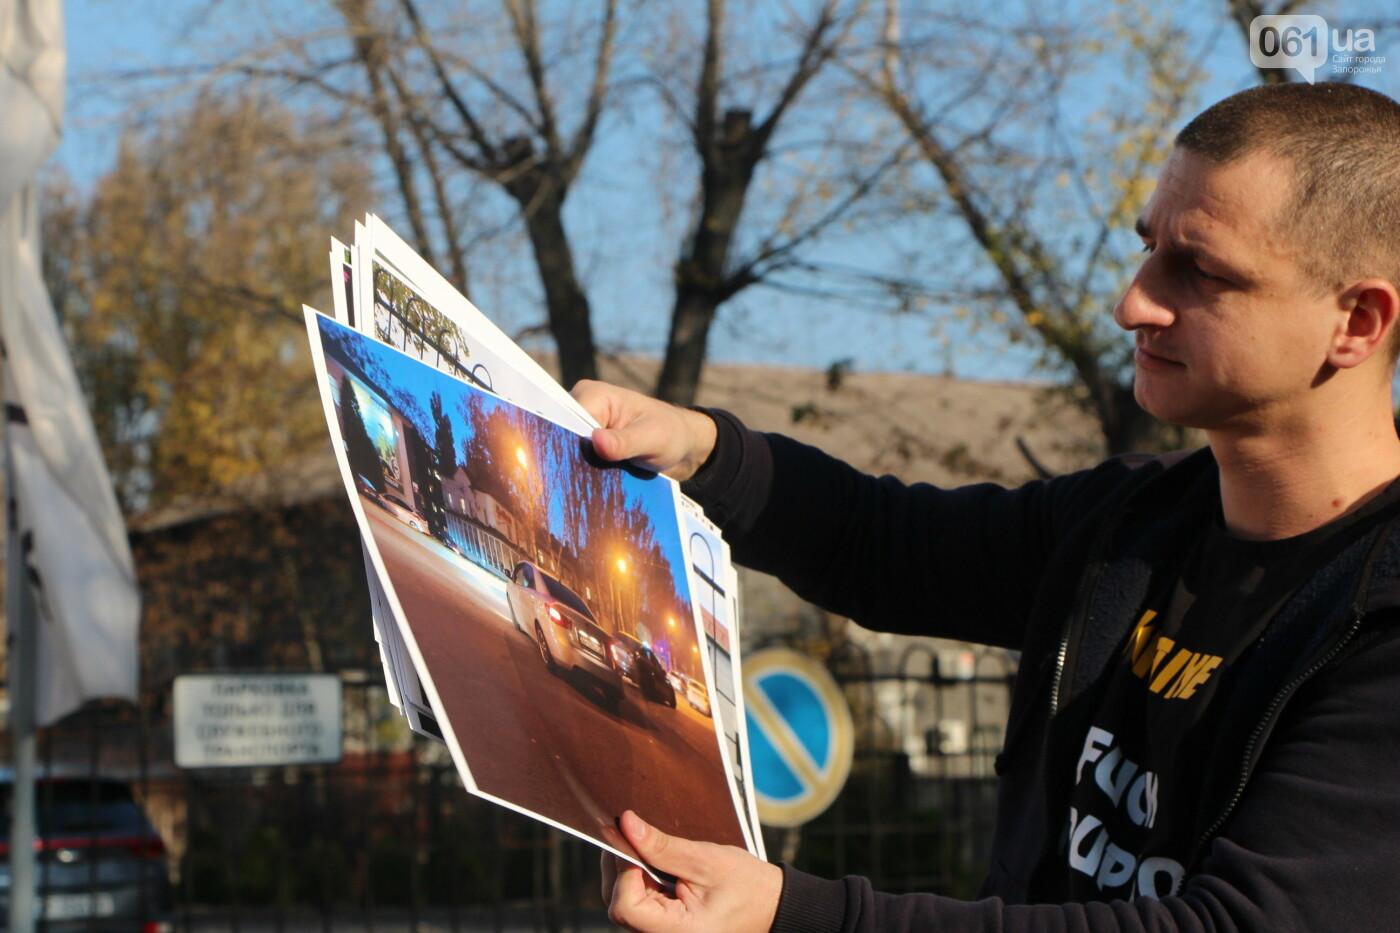 """""""Анисимов просто лох"""": на антикоррупционной экскурсии рассказали, кто приезжает в новый """"золотой офис"""", - ФОТОРЕПОРТАЖ, фото-34"""